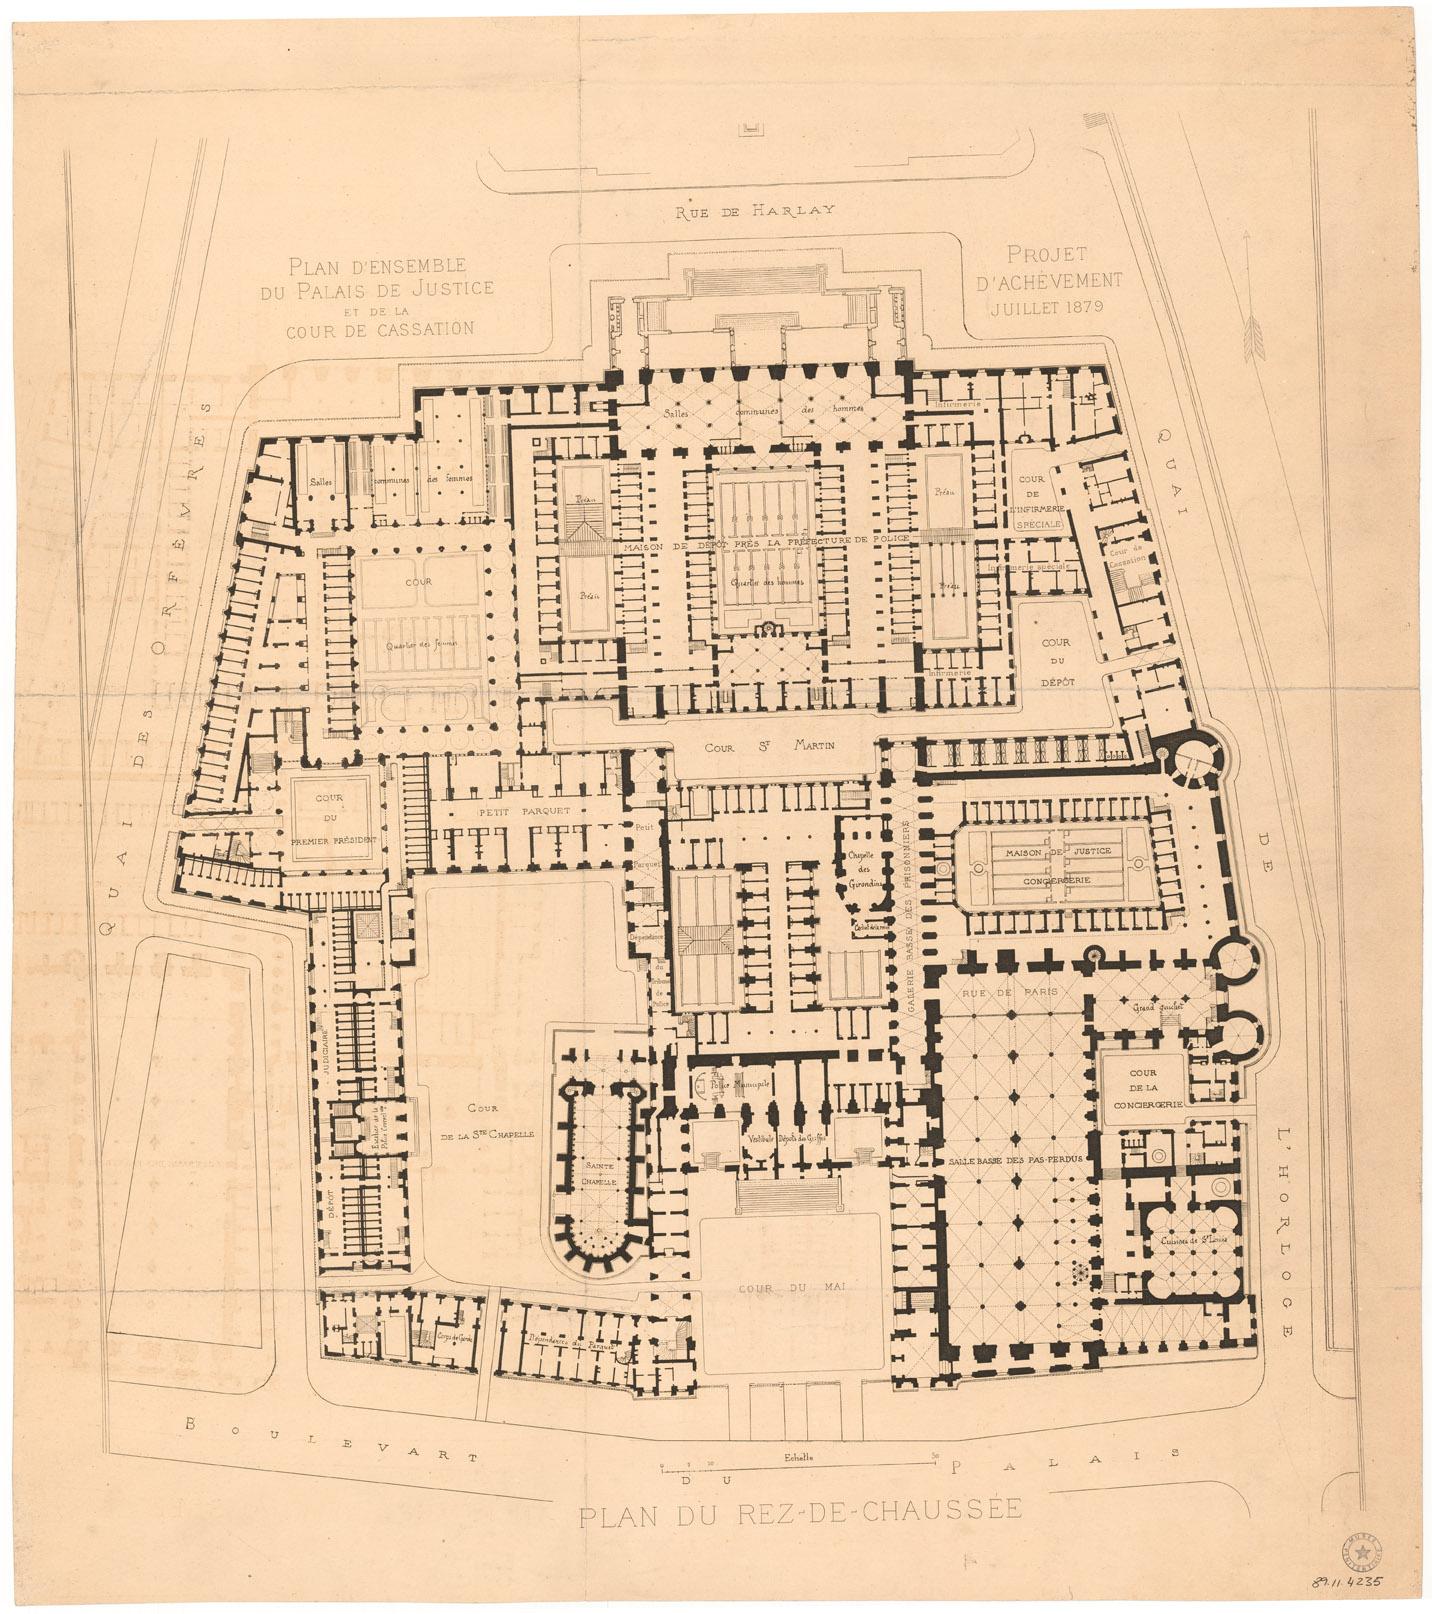 Plan d'ensemble du Palais de Justice et de la Cour de Cassation (Paris). projet d'achèvement juillet 1879 : rez-de-chaussée. 1896